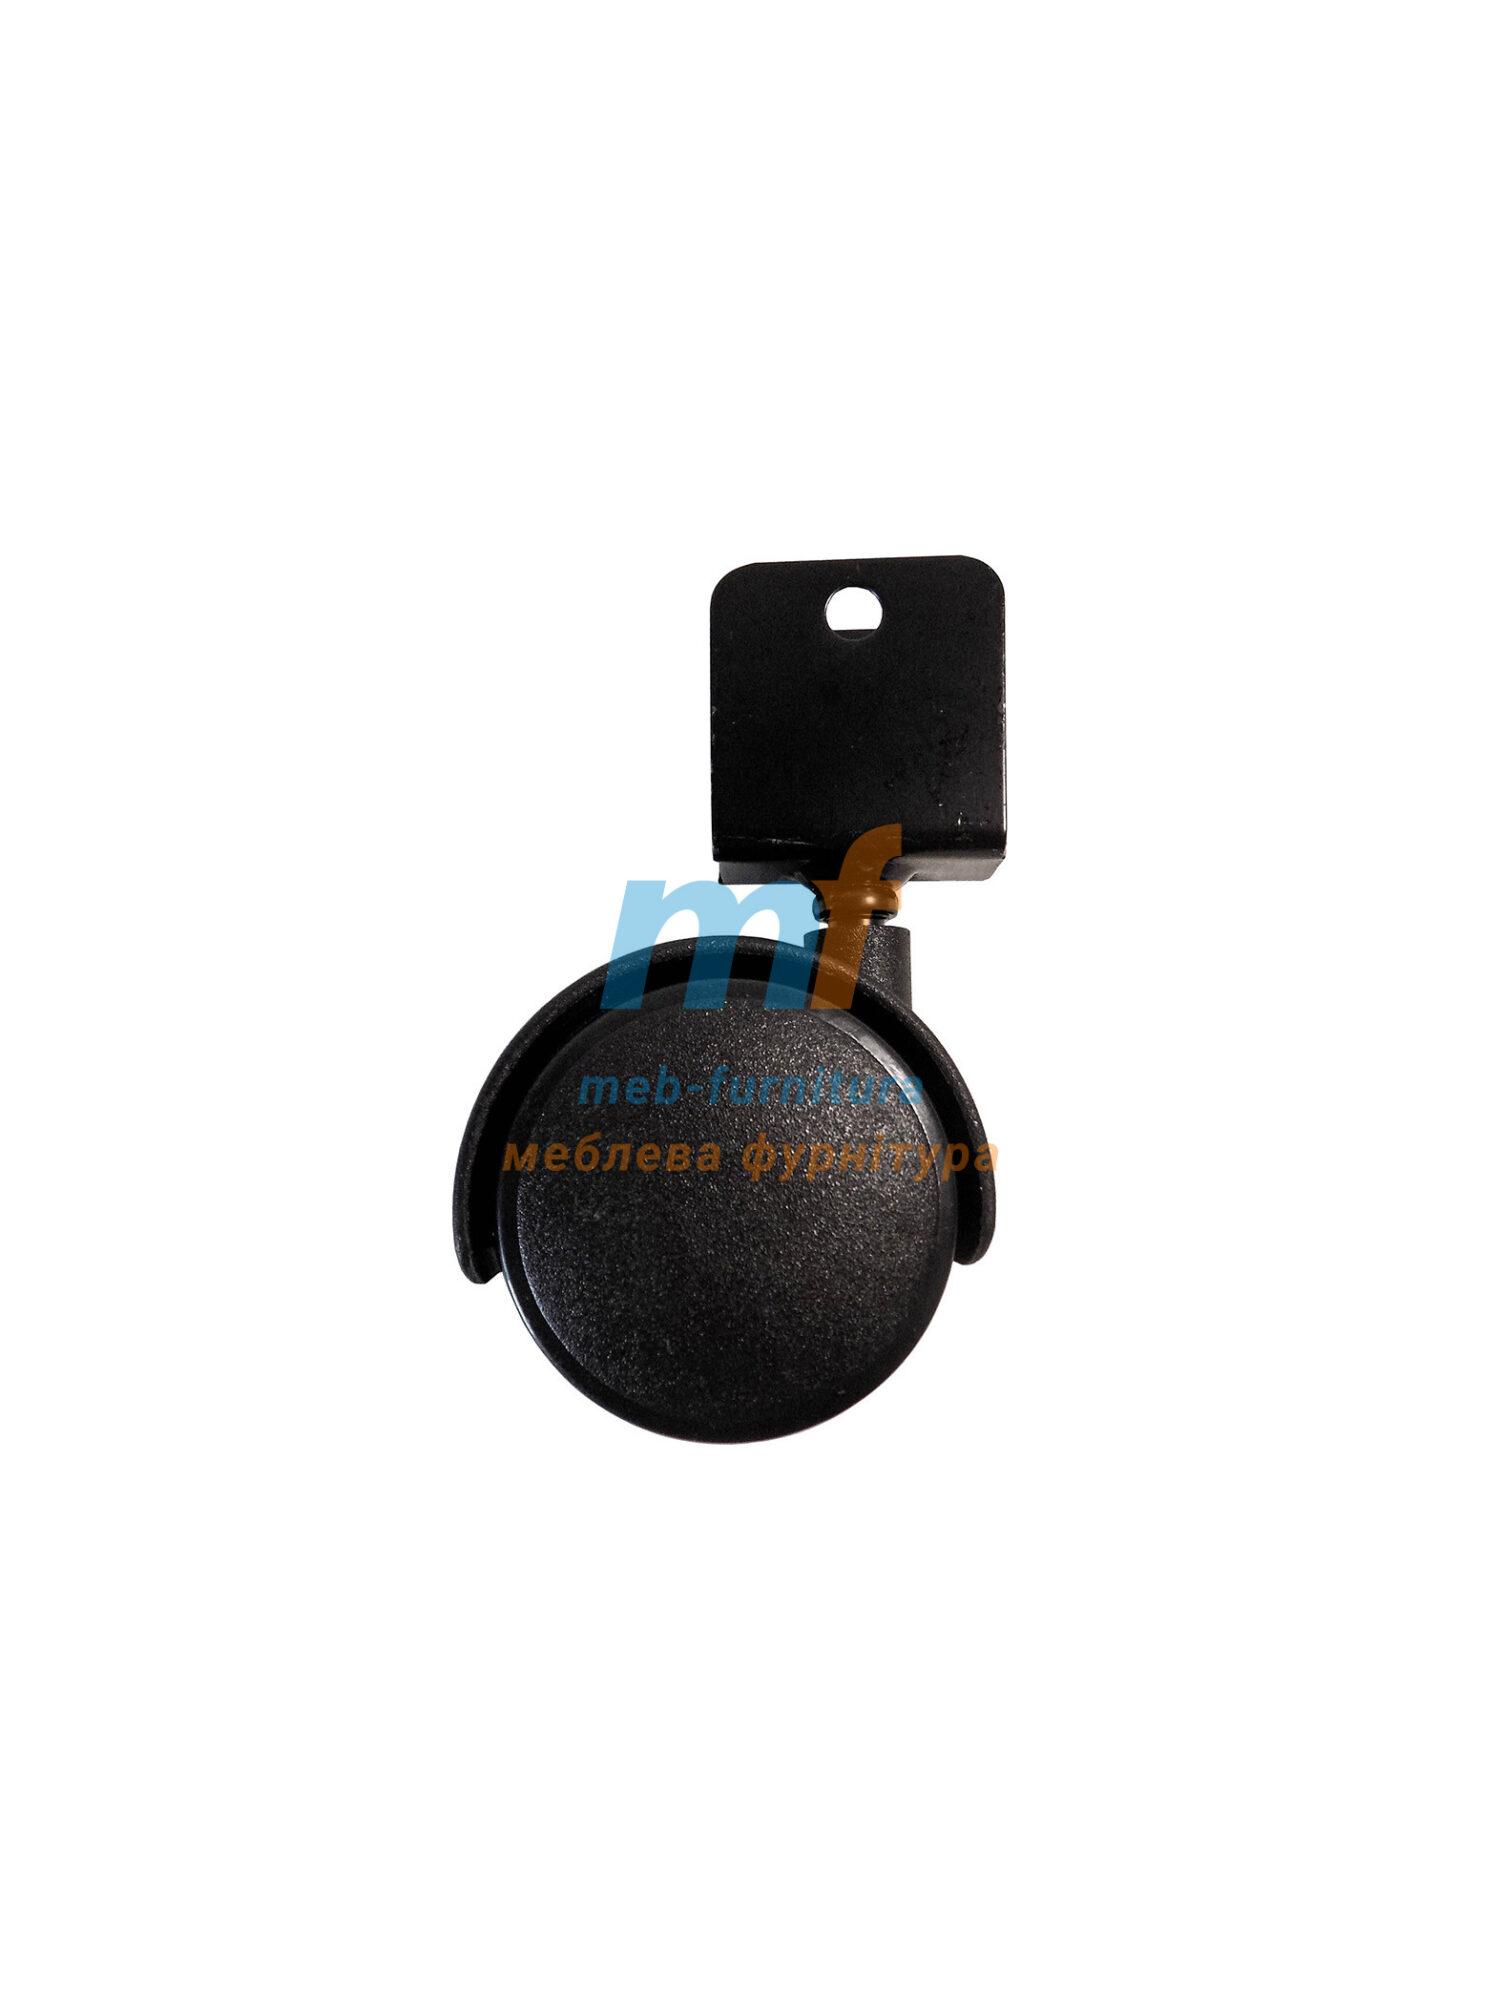 Колесо пластик со скобой под ДСП 16 мм поворотное 50мм (3-019)